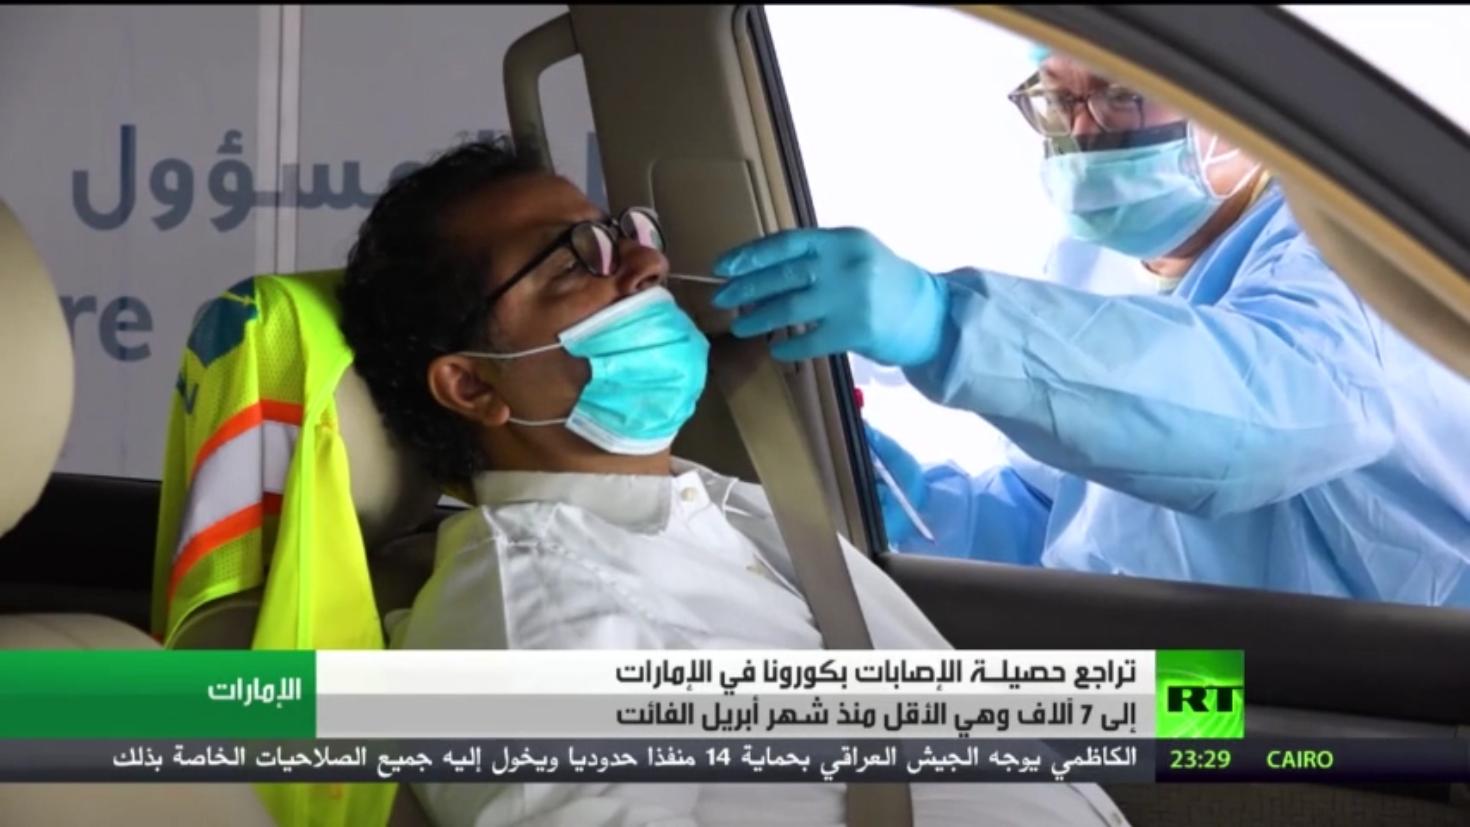 تراجع حصيلة الإصابات بكورونا في الإمارات